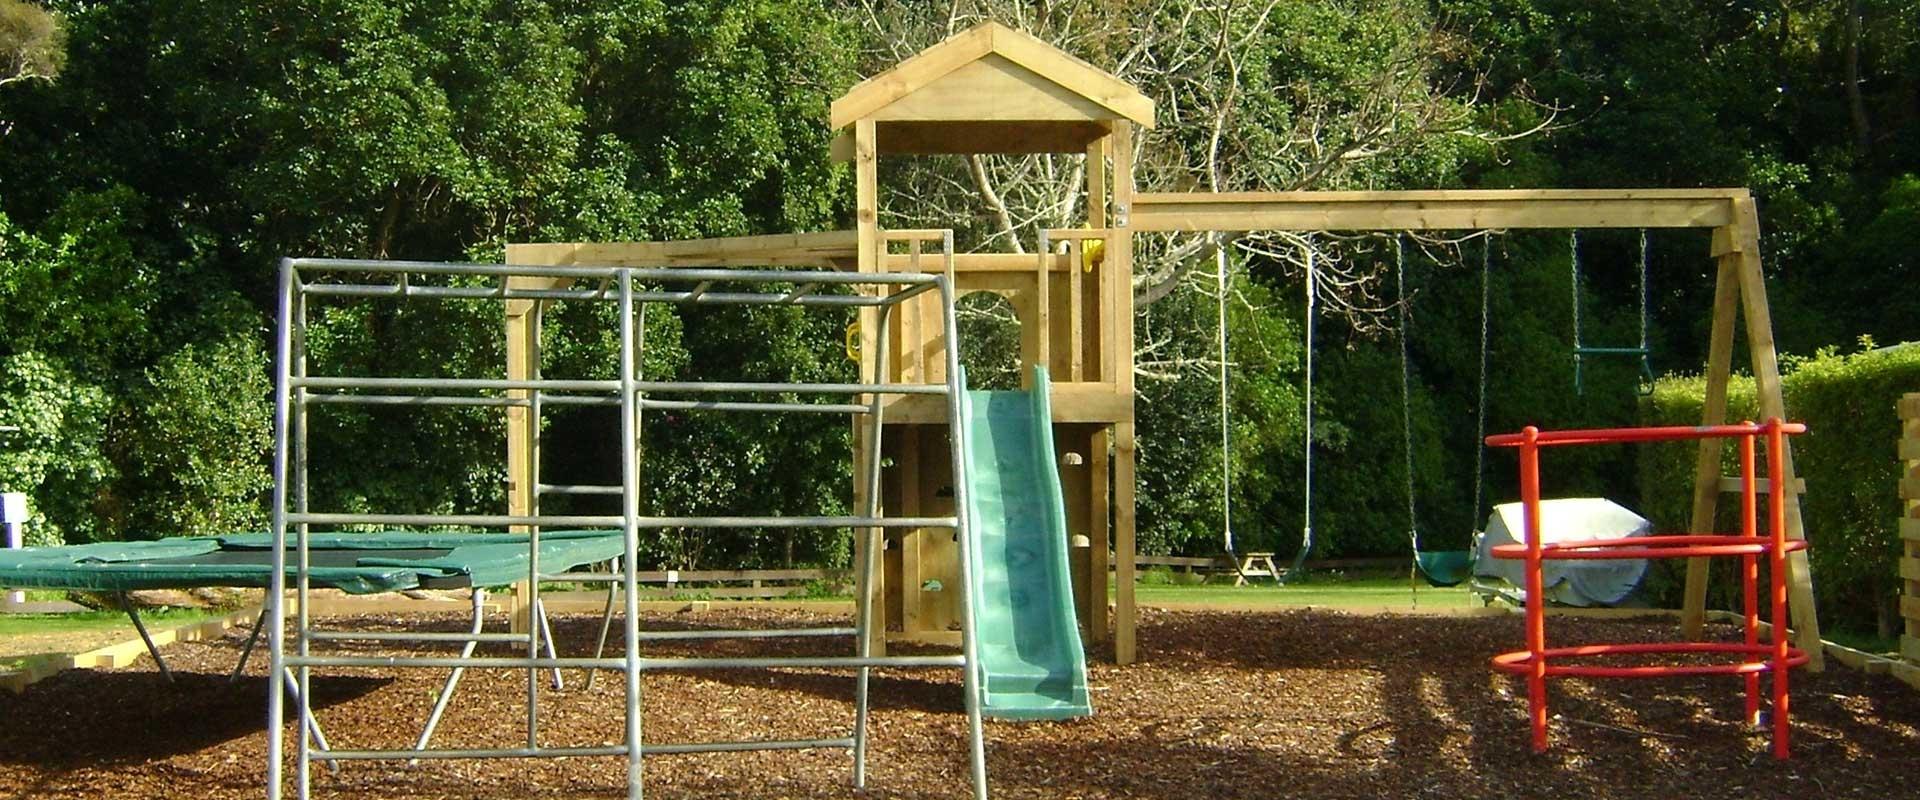 camp playground